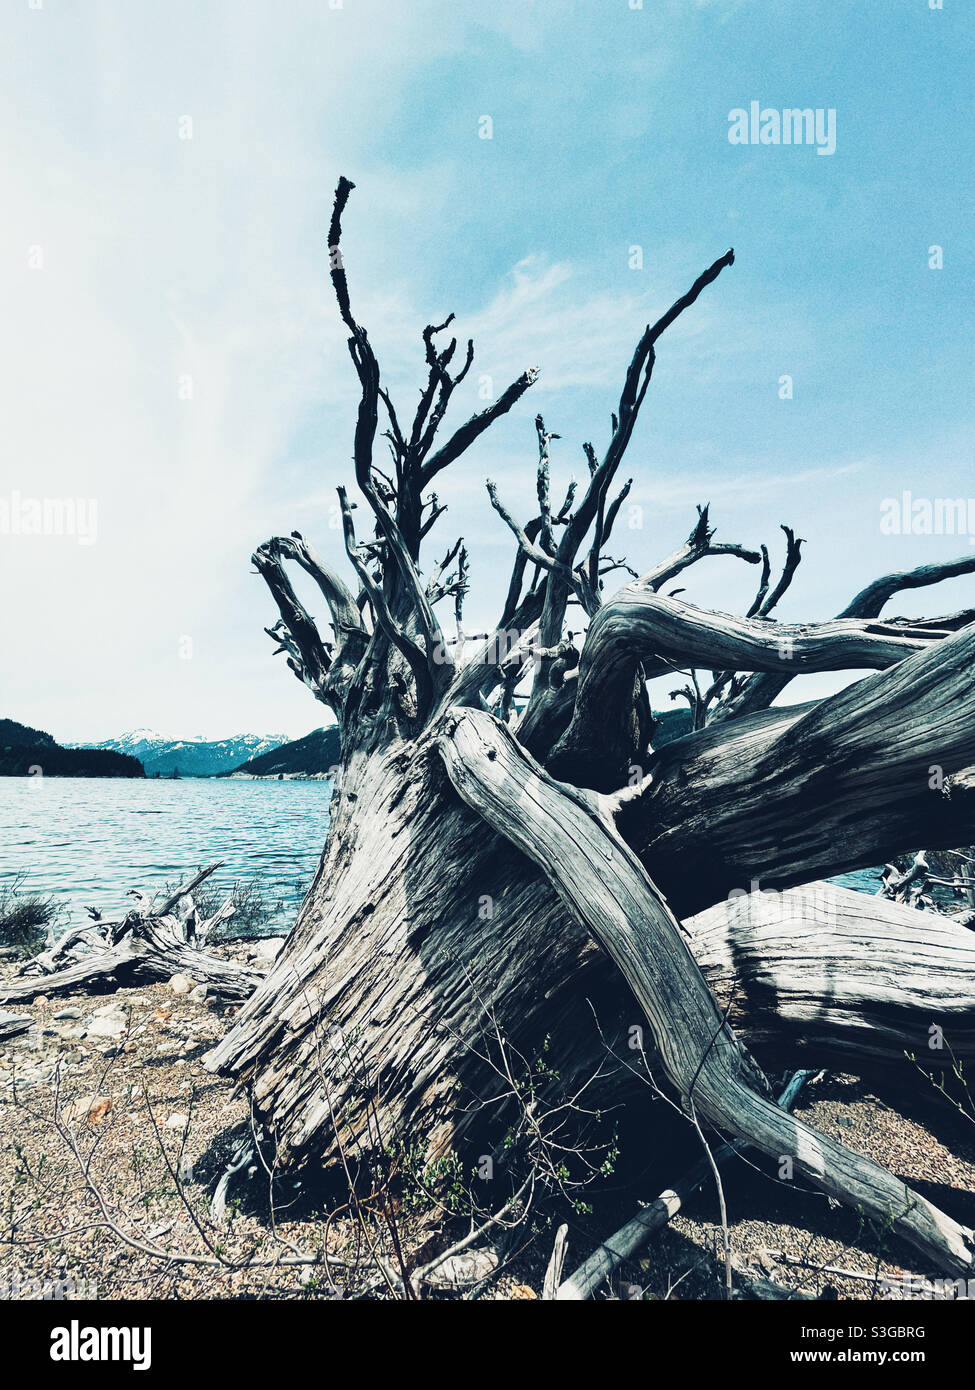 L'homme a fait le lac Kecheelus et les restes de grands arbres sur la rive, Snoqualmie Pass, État de Washington Banque D'Images